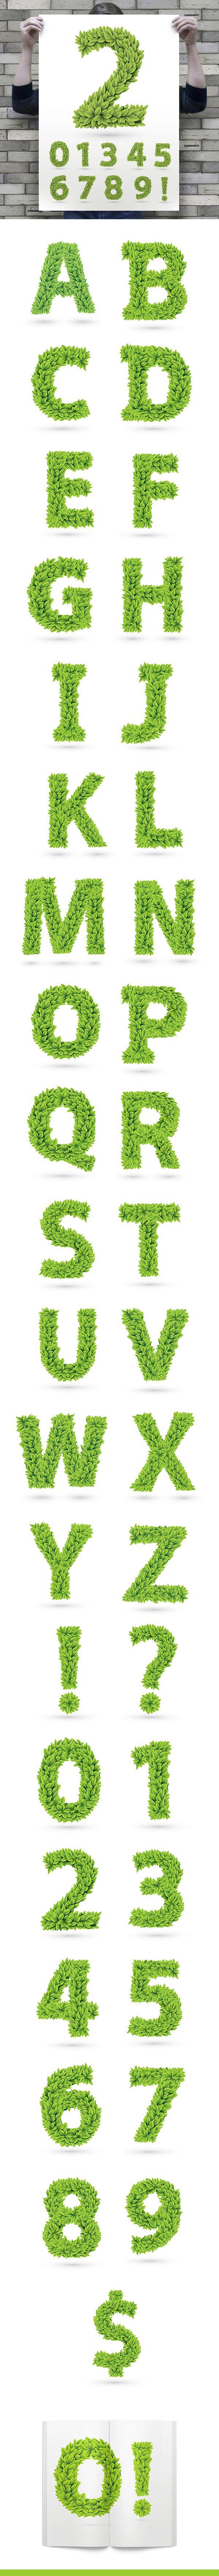 Amazing Spring font! #leaf #leaf font #font #green #grass #spring #vector #process #creation #download #letter #dollar #word #A #B #C #D #E #F #G #H #I #J #K #L #M #N #O #P #Q #R #S #T #U #V #W #X #Y #Z #1 #2 #3 #4 # 5 #6 #7 #8 #9 #? #!